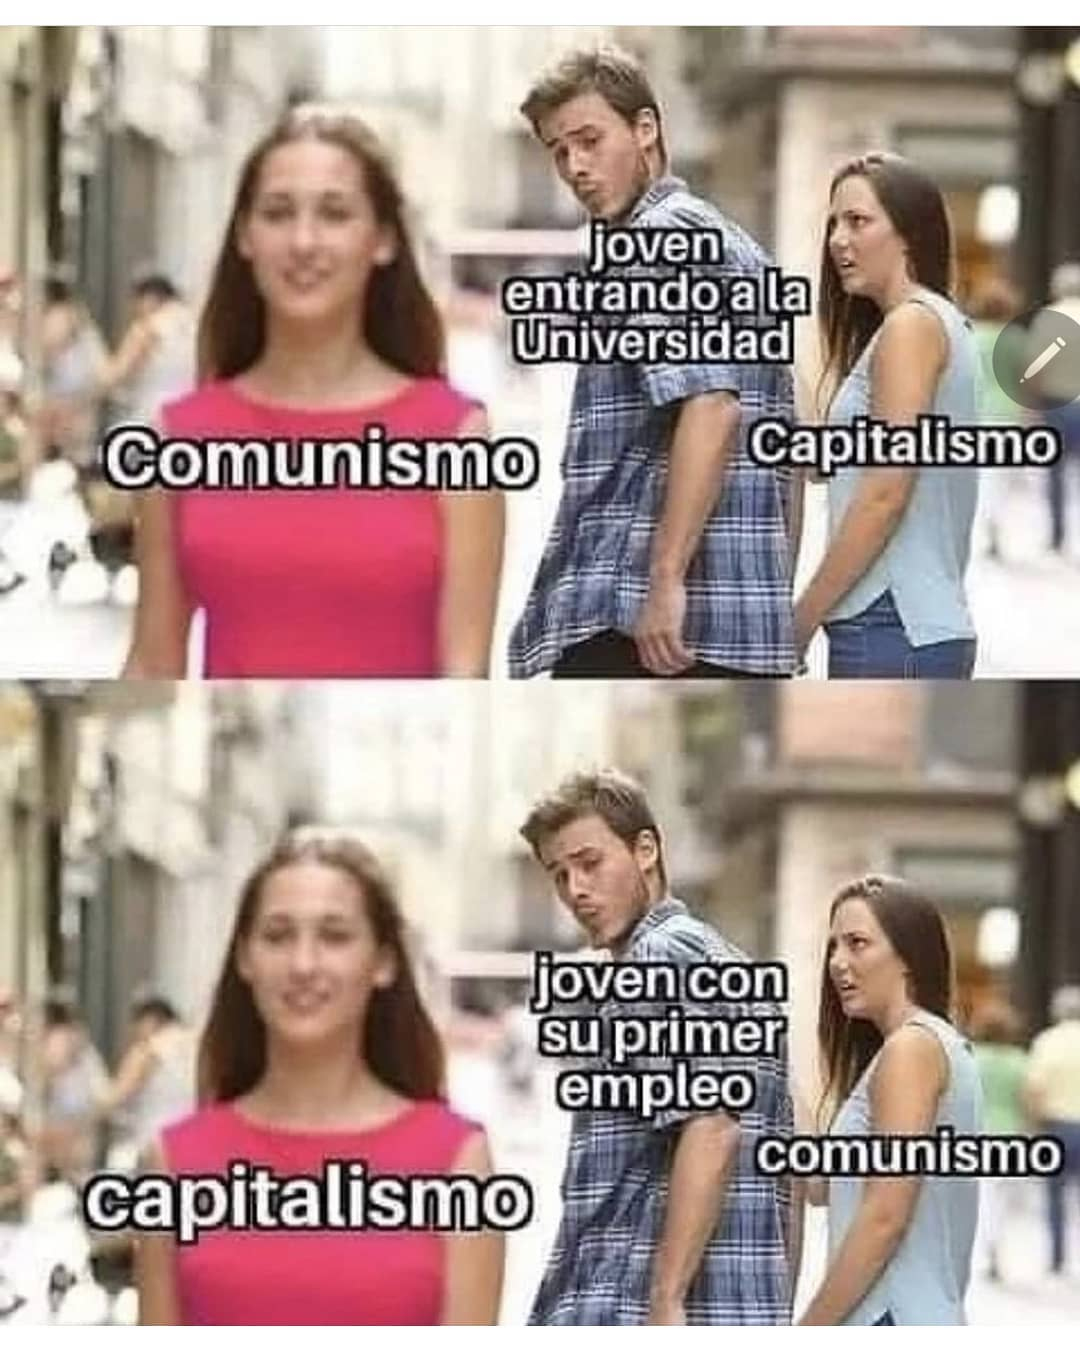 El comunismo se cura creciendo